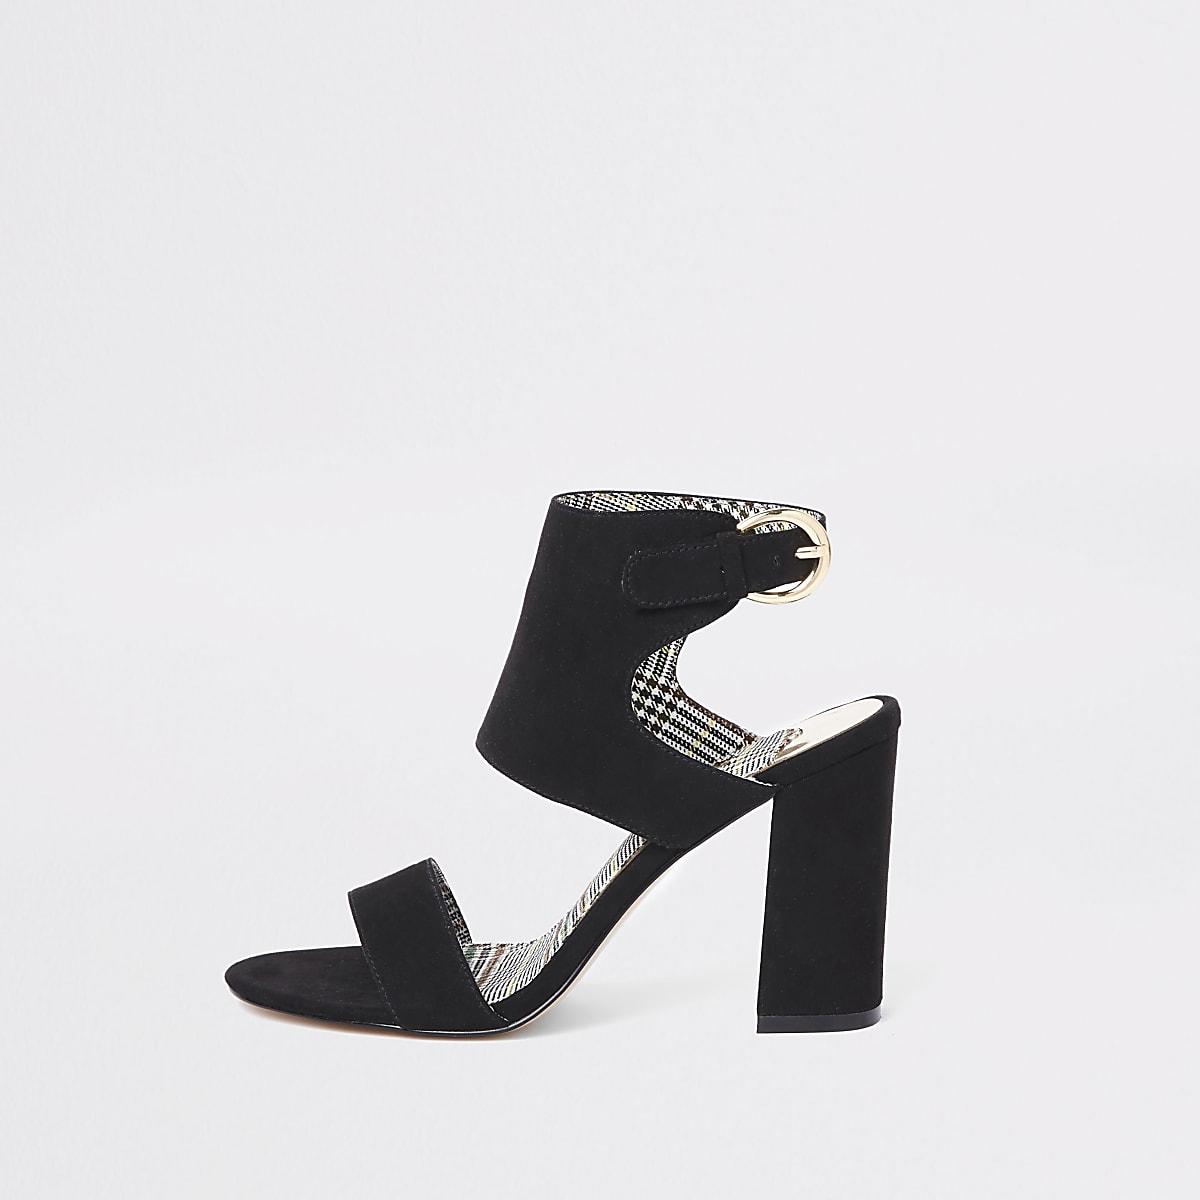 2638f4d85c1 Black wide fit faux suede block heel sandals - Sandals - Shoes   Boots -  women